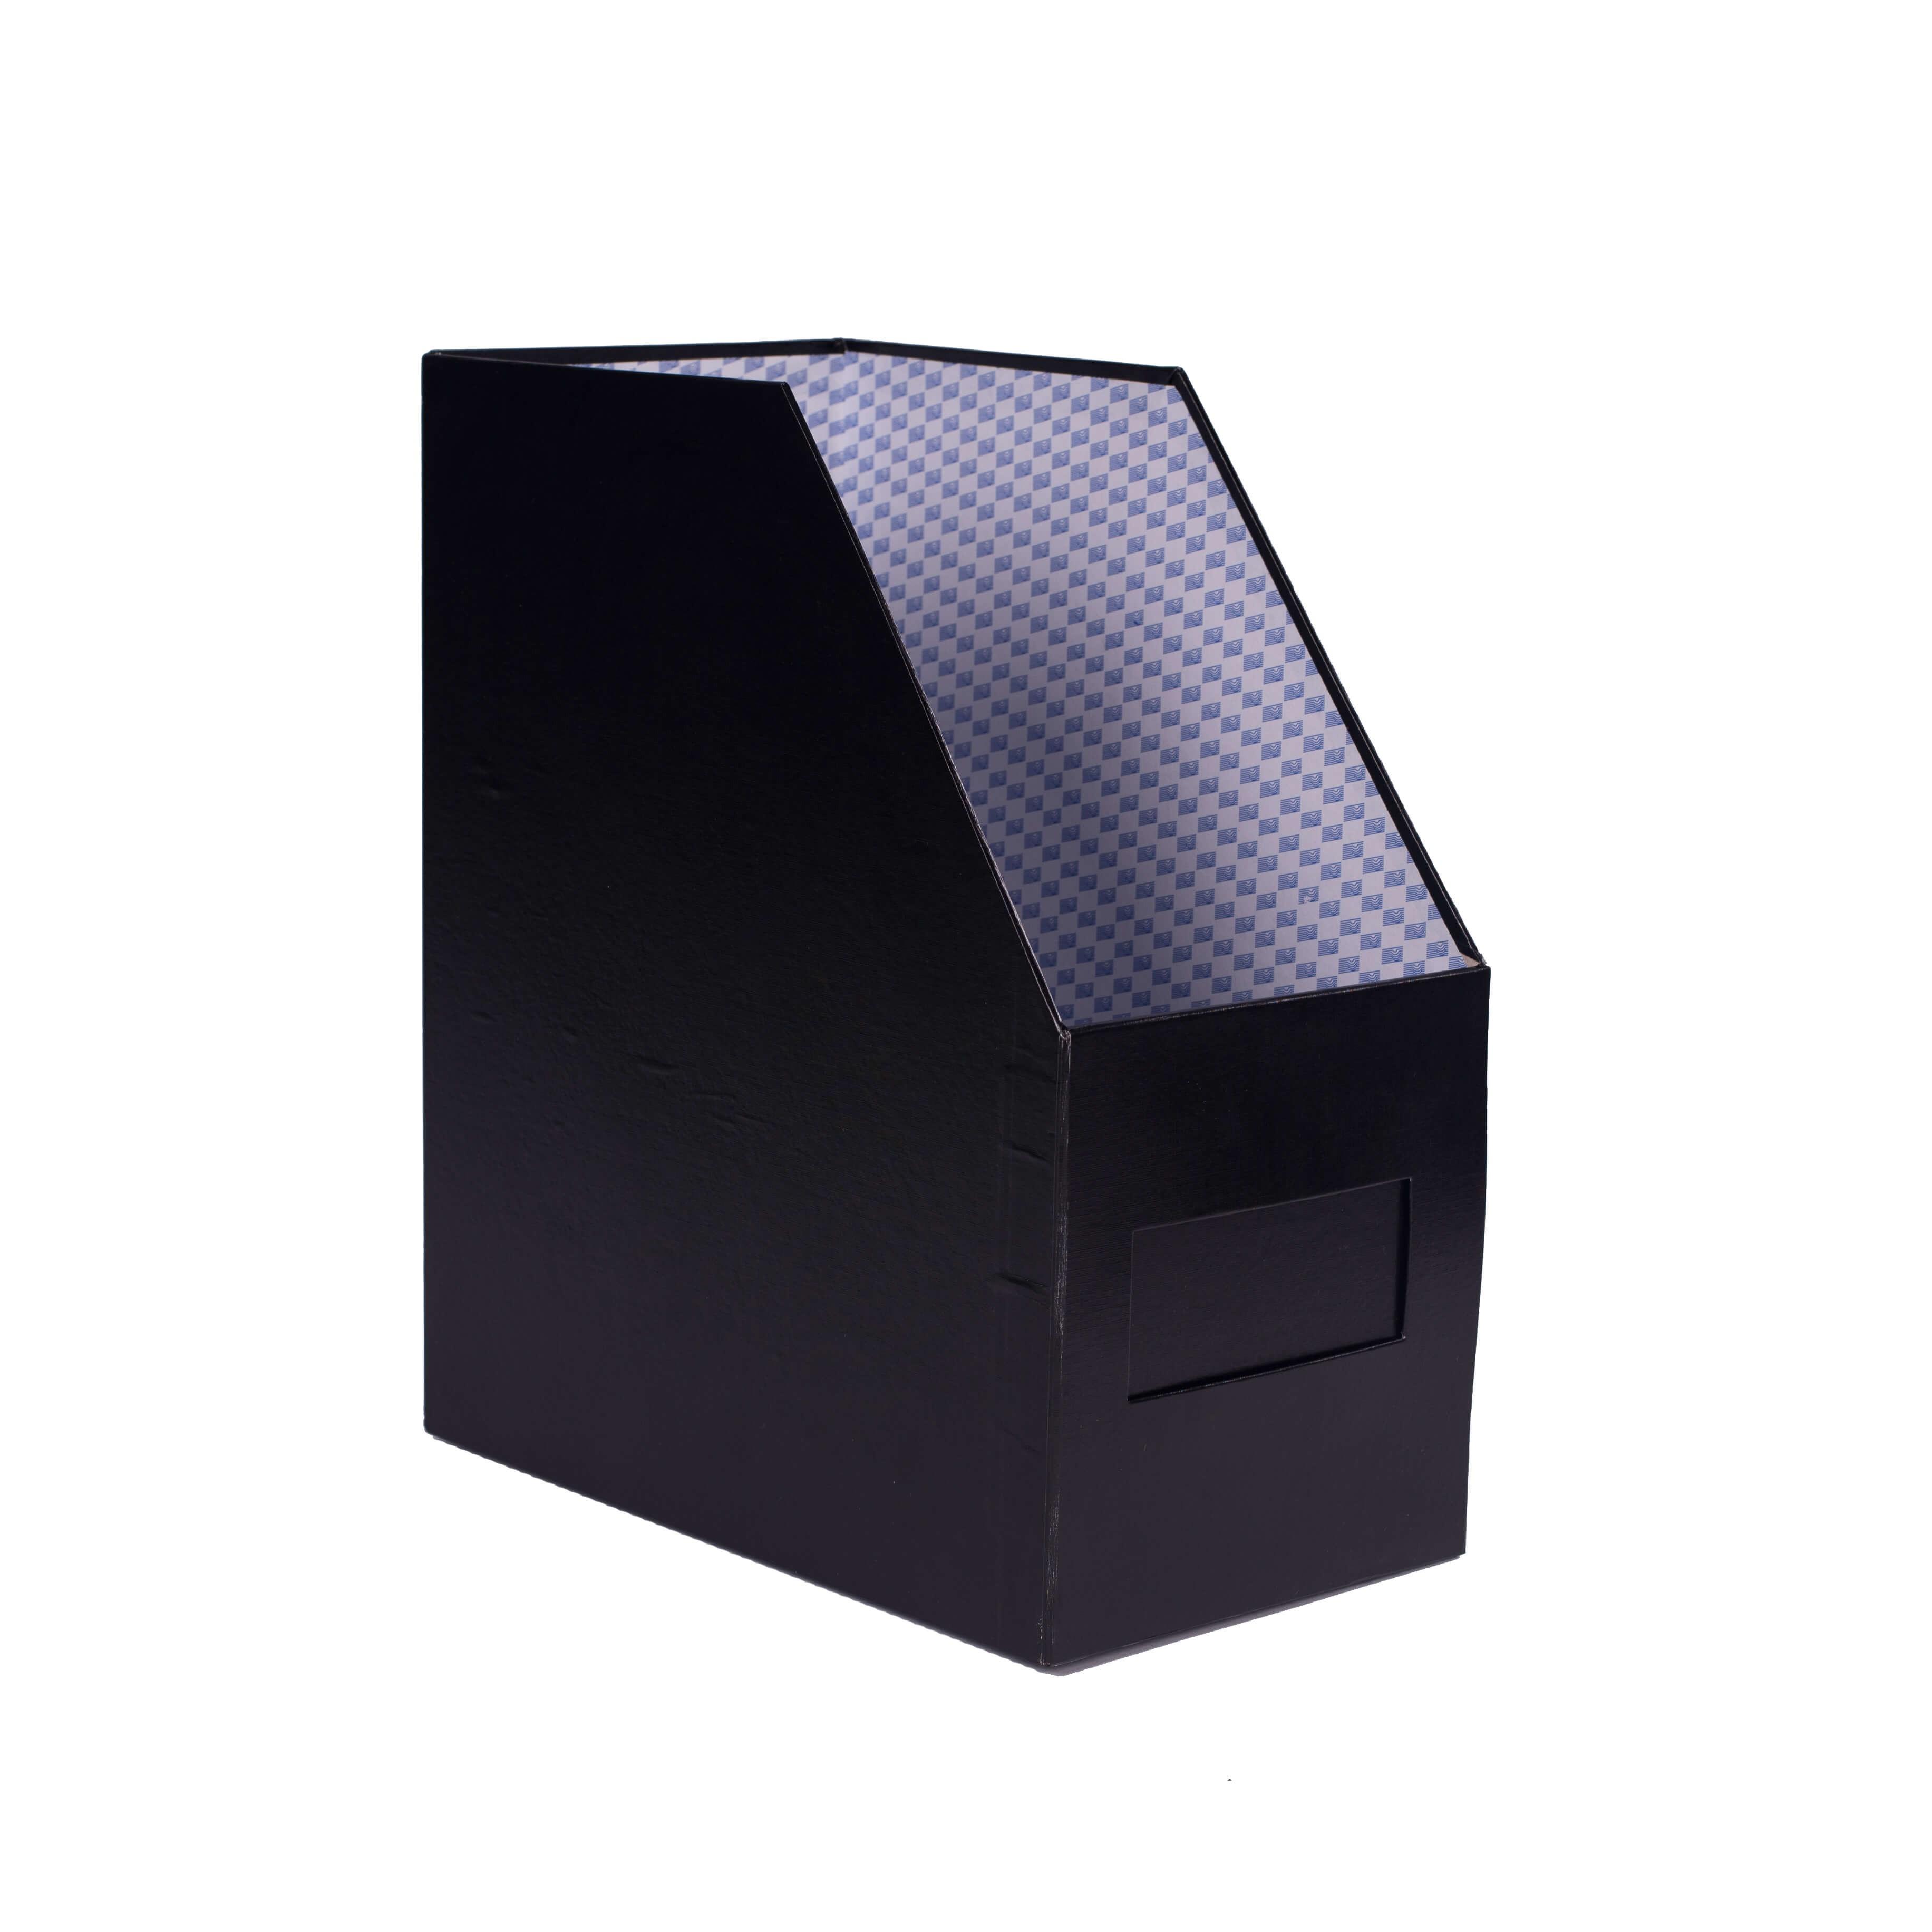 กล่องใส่เอกสาร 1 ช่อง ตรากวาง 7 นิ้ว สีดำ